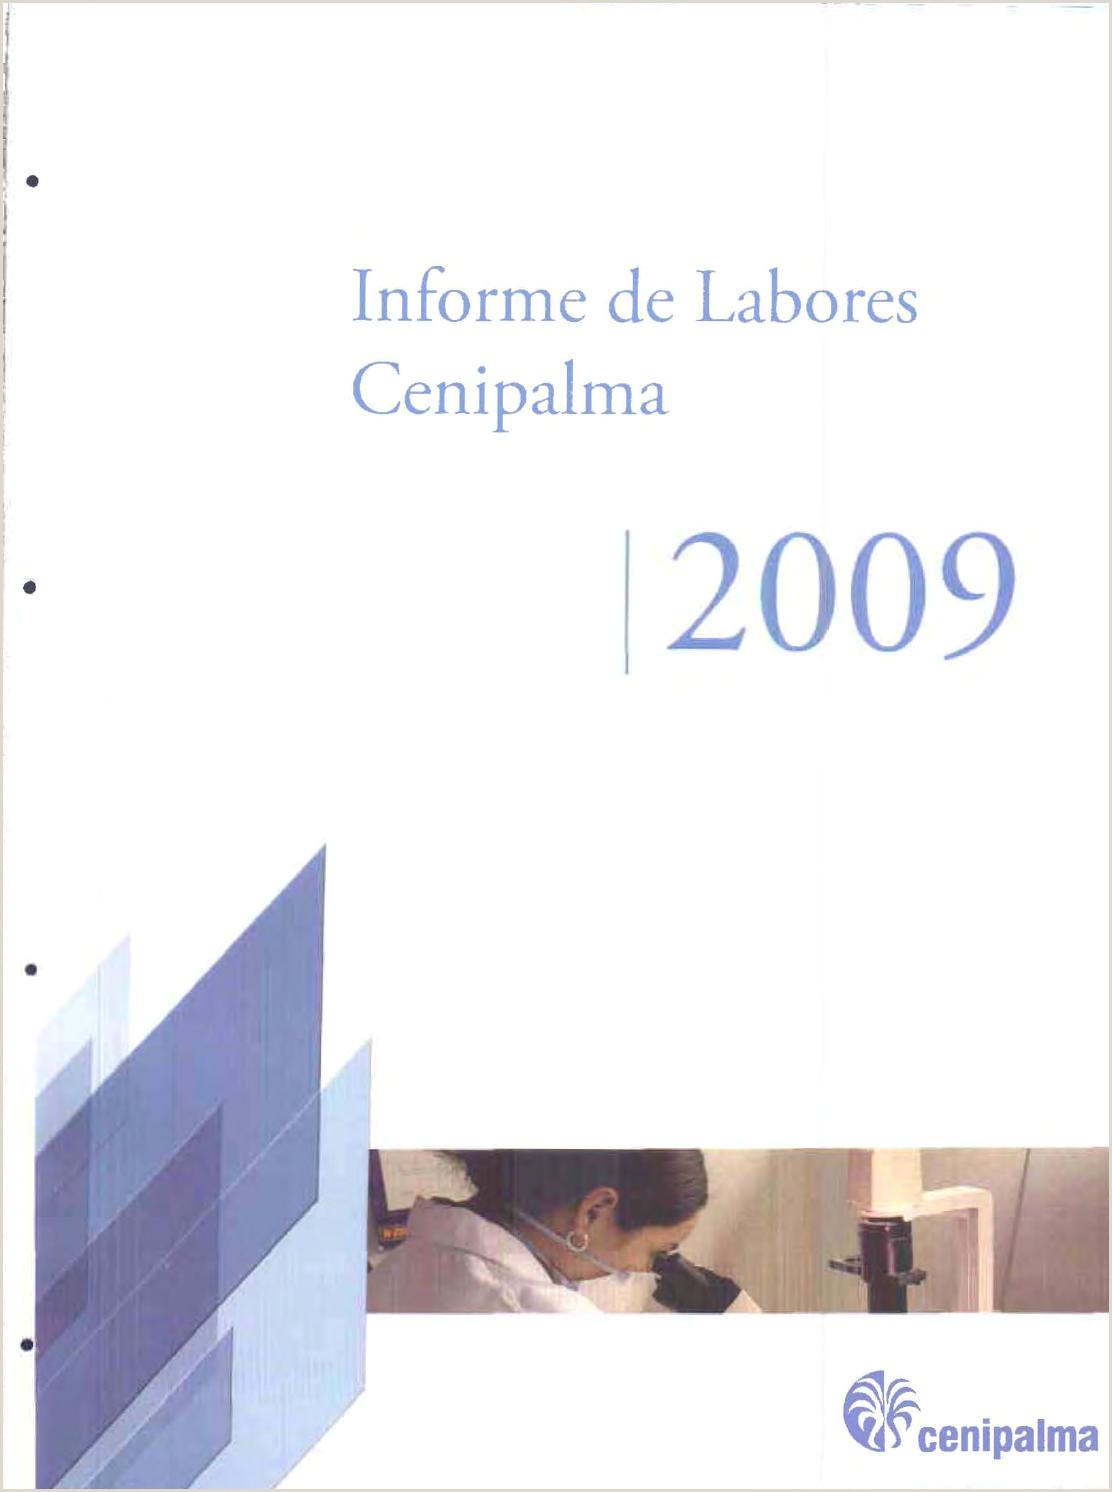 Informe cenipalma2009 by Fedepalma issuu